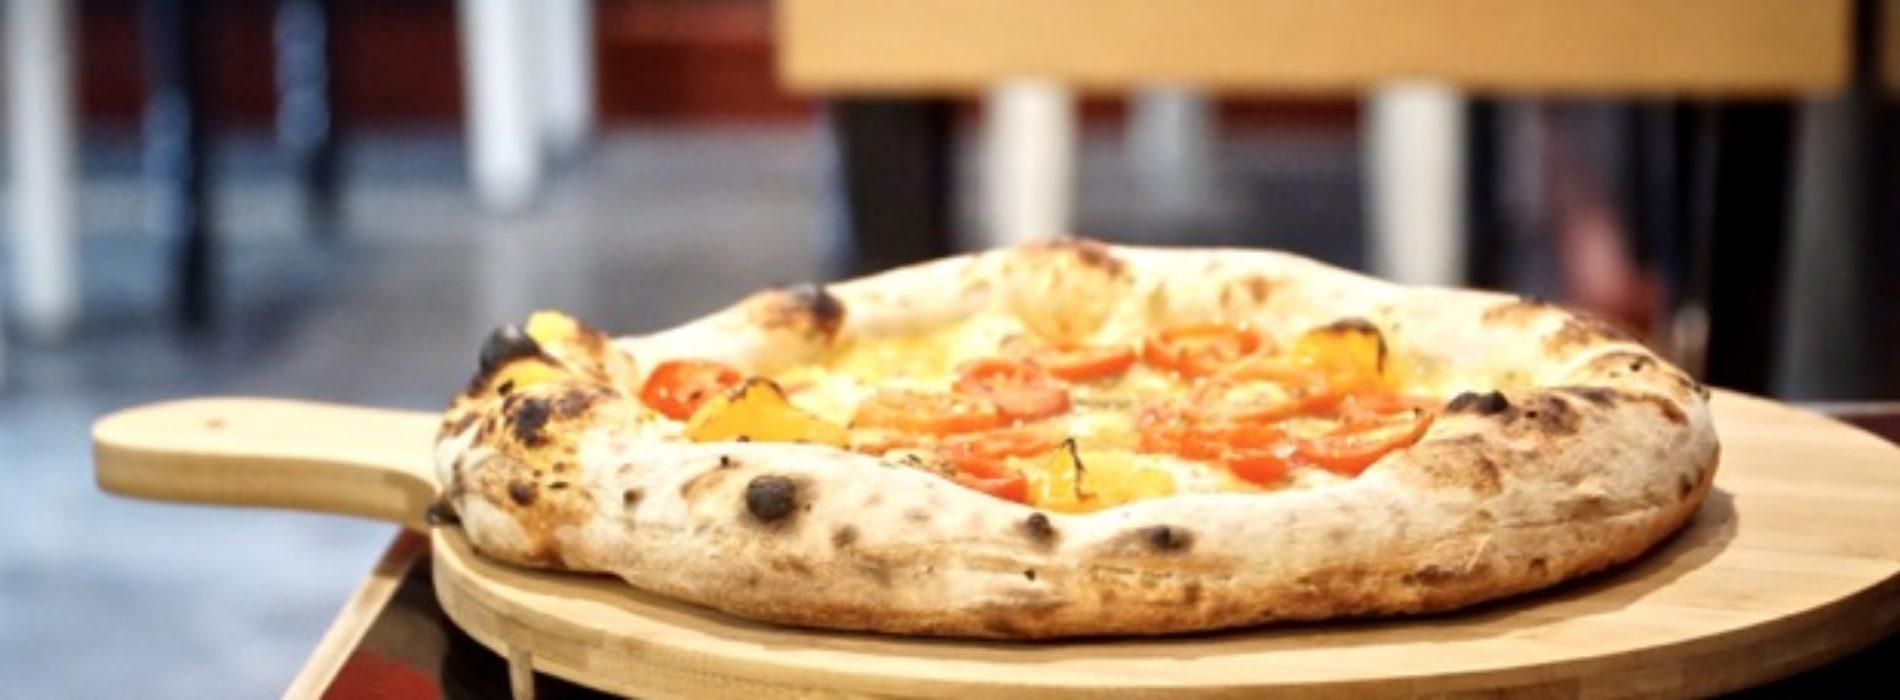 Sant'Alberto Roma, al posto di Primo al Pigneto arriva una pizzeria-liquoreria con quattro tipi di impasto